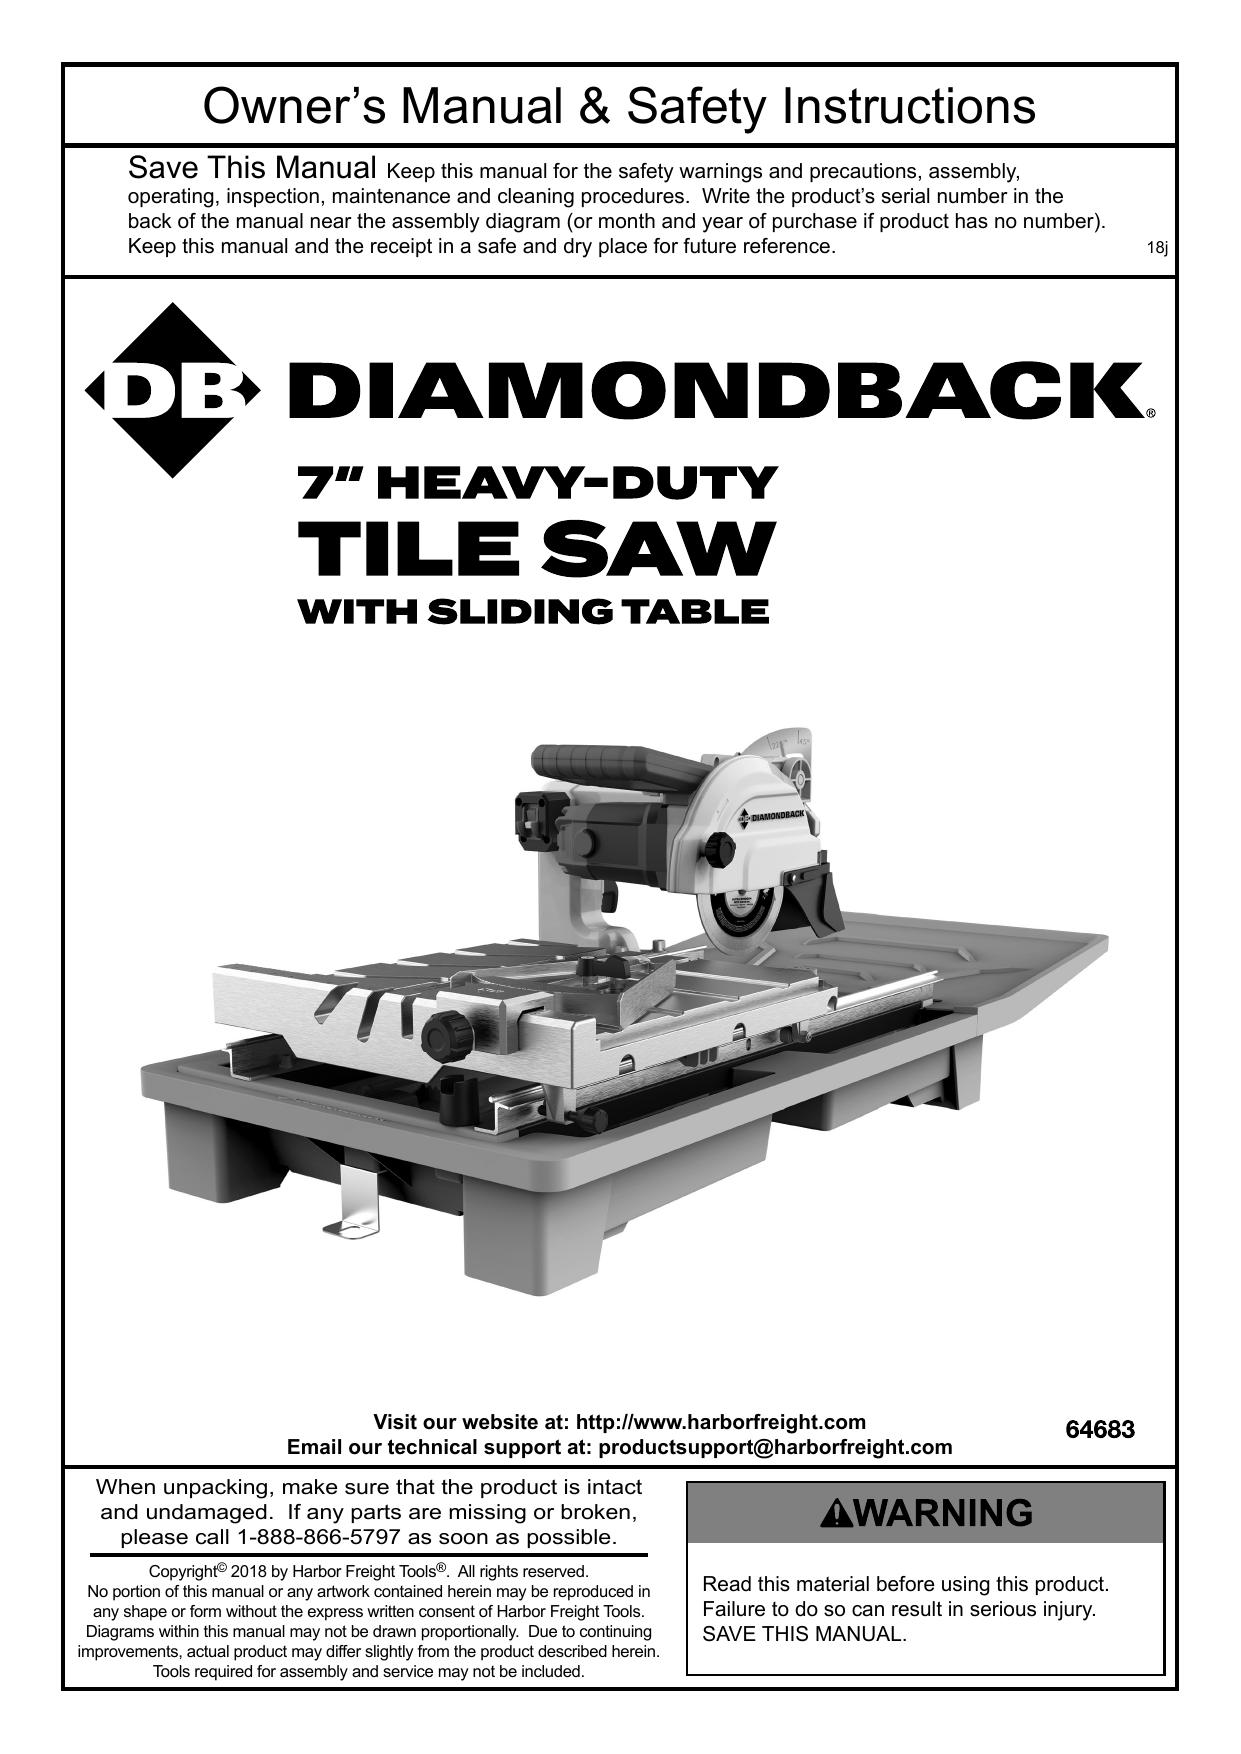 diamondback 64683 item 64683 owner s